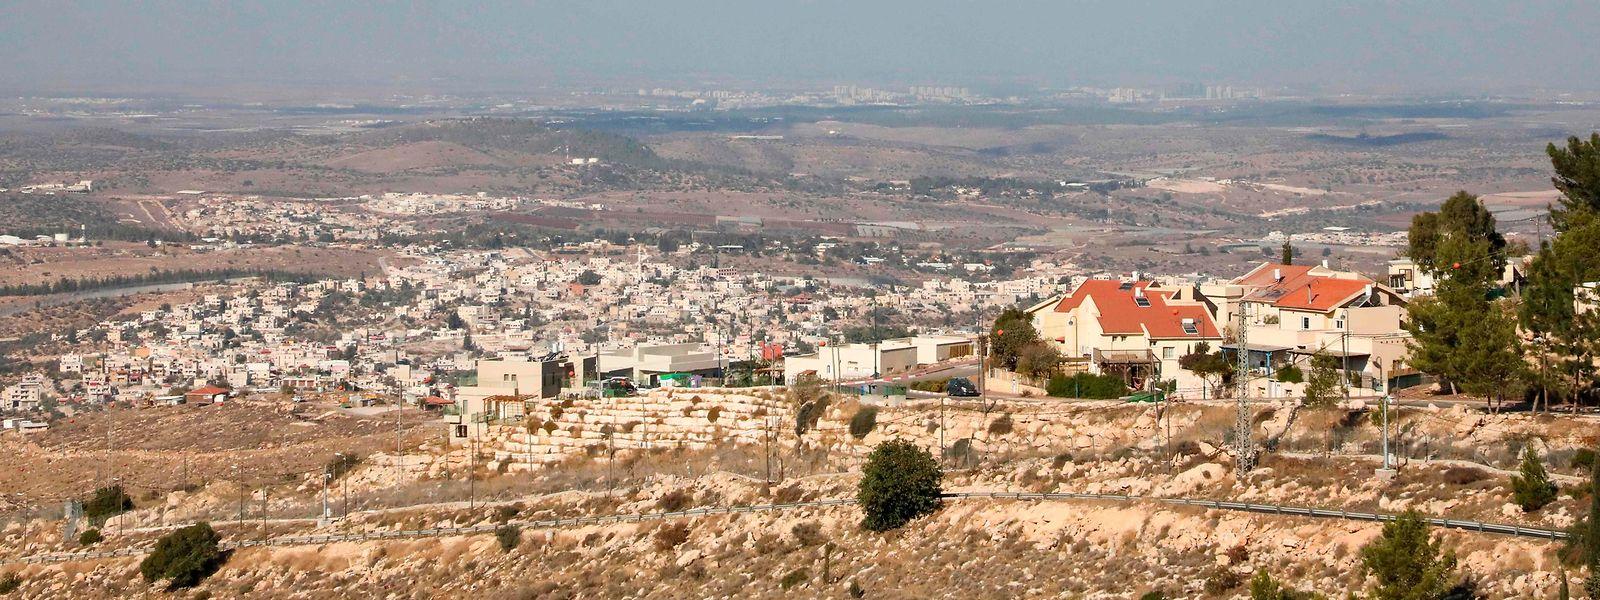 In der Nähe der jjüdischen Siedlung Negohot (rechts), in direkter Nachbarschaft des palästinensischen Ortschaft Beit Awwa (links) erschossen israelische Soldaten am Samstag einen Palästinenser, der Brandflaschen auf ein israelisches Auto geworfen haben soll.